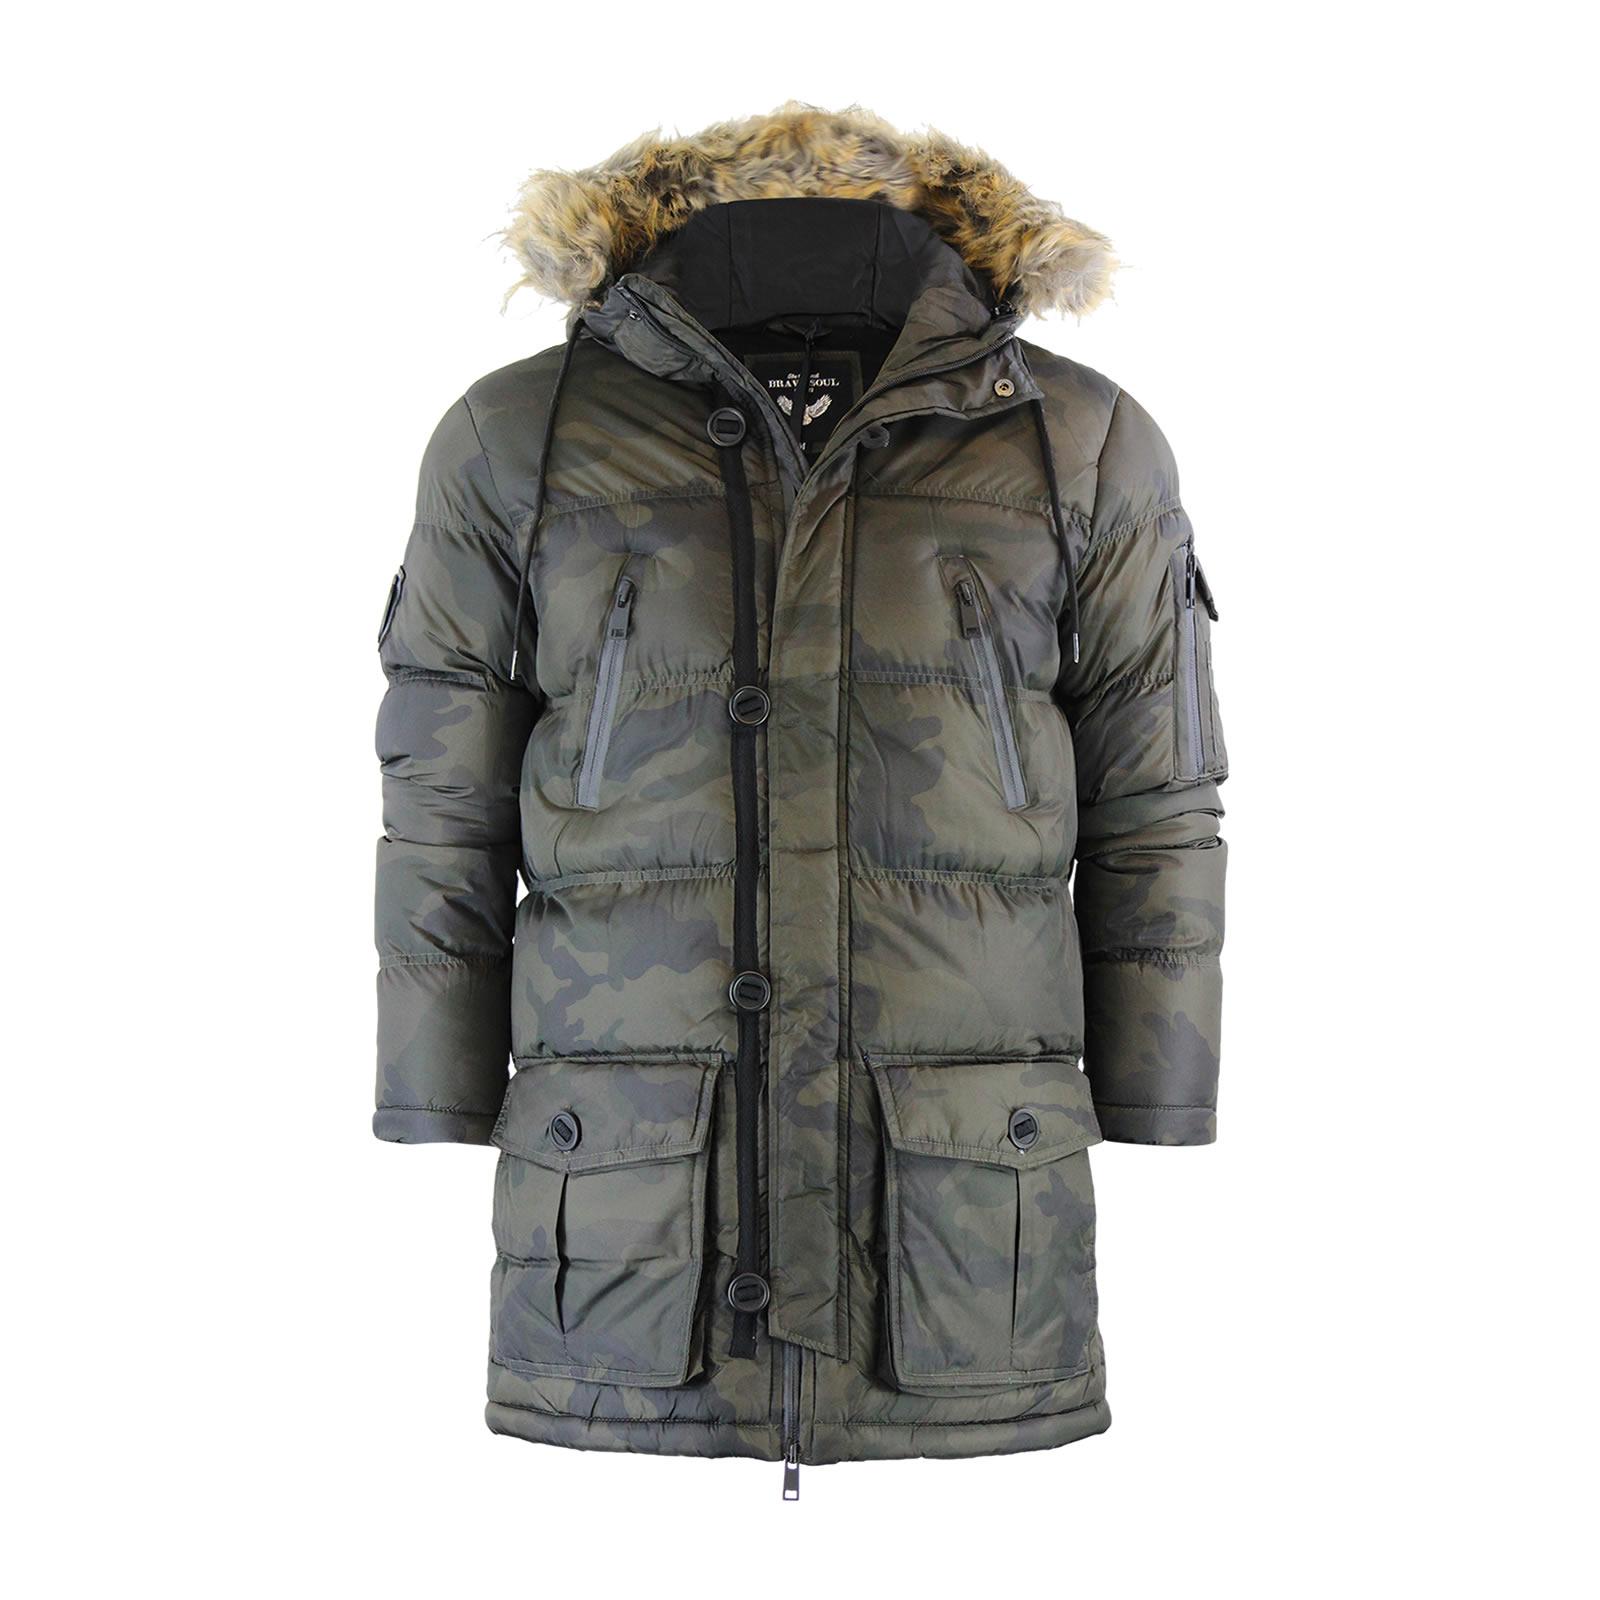 Mens parka jacket with fur